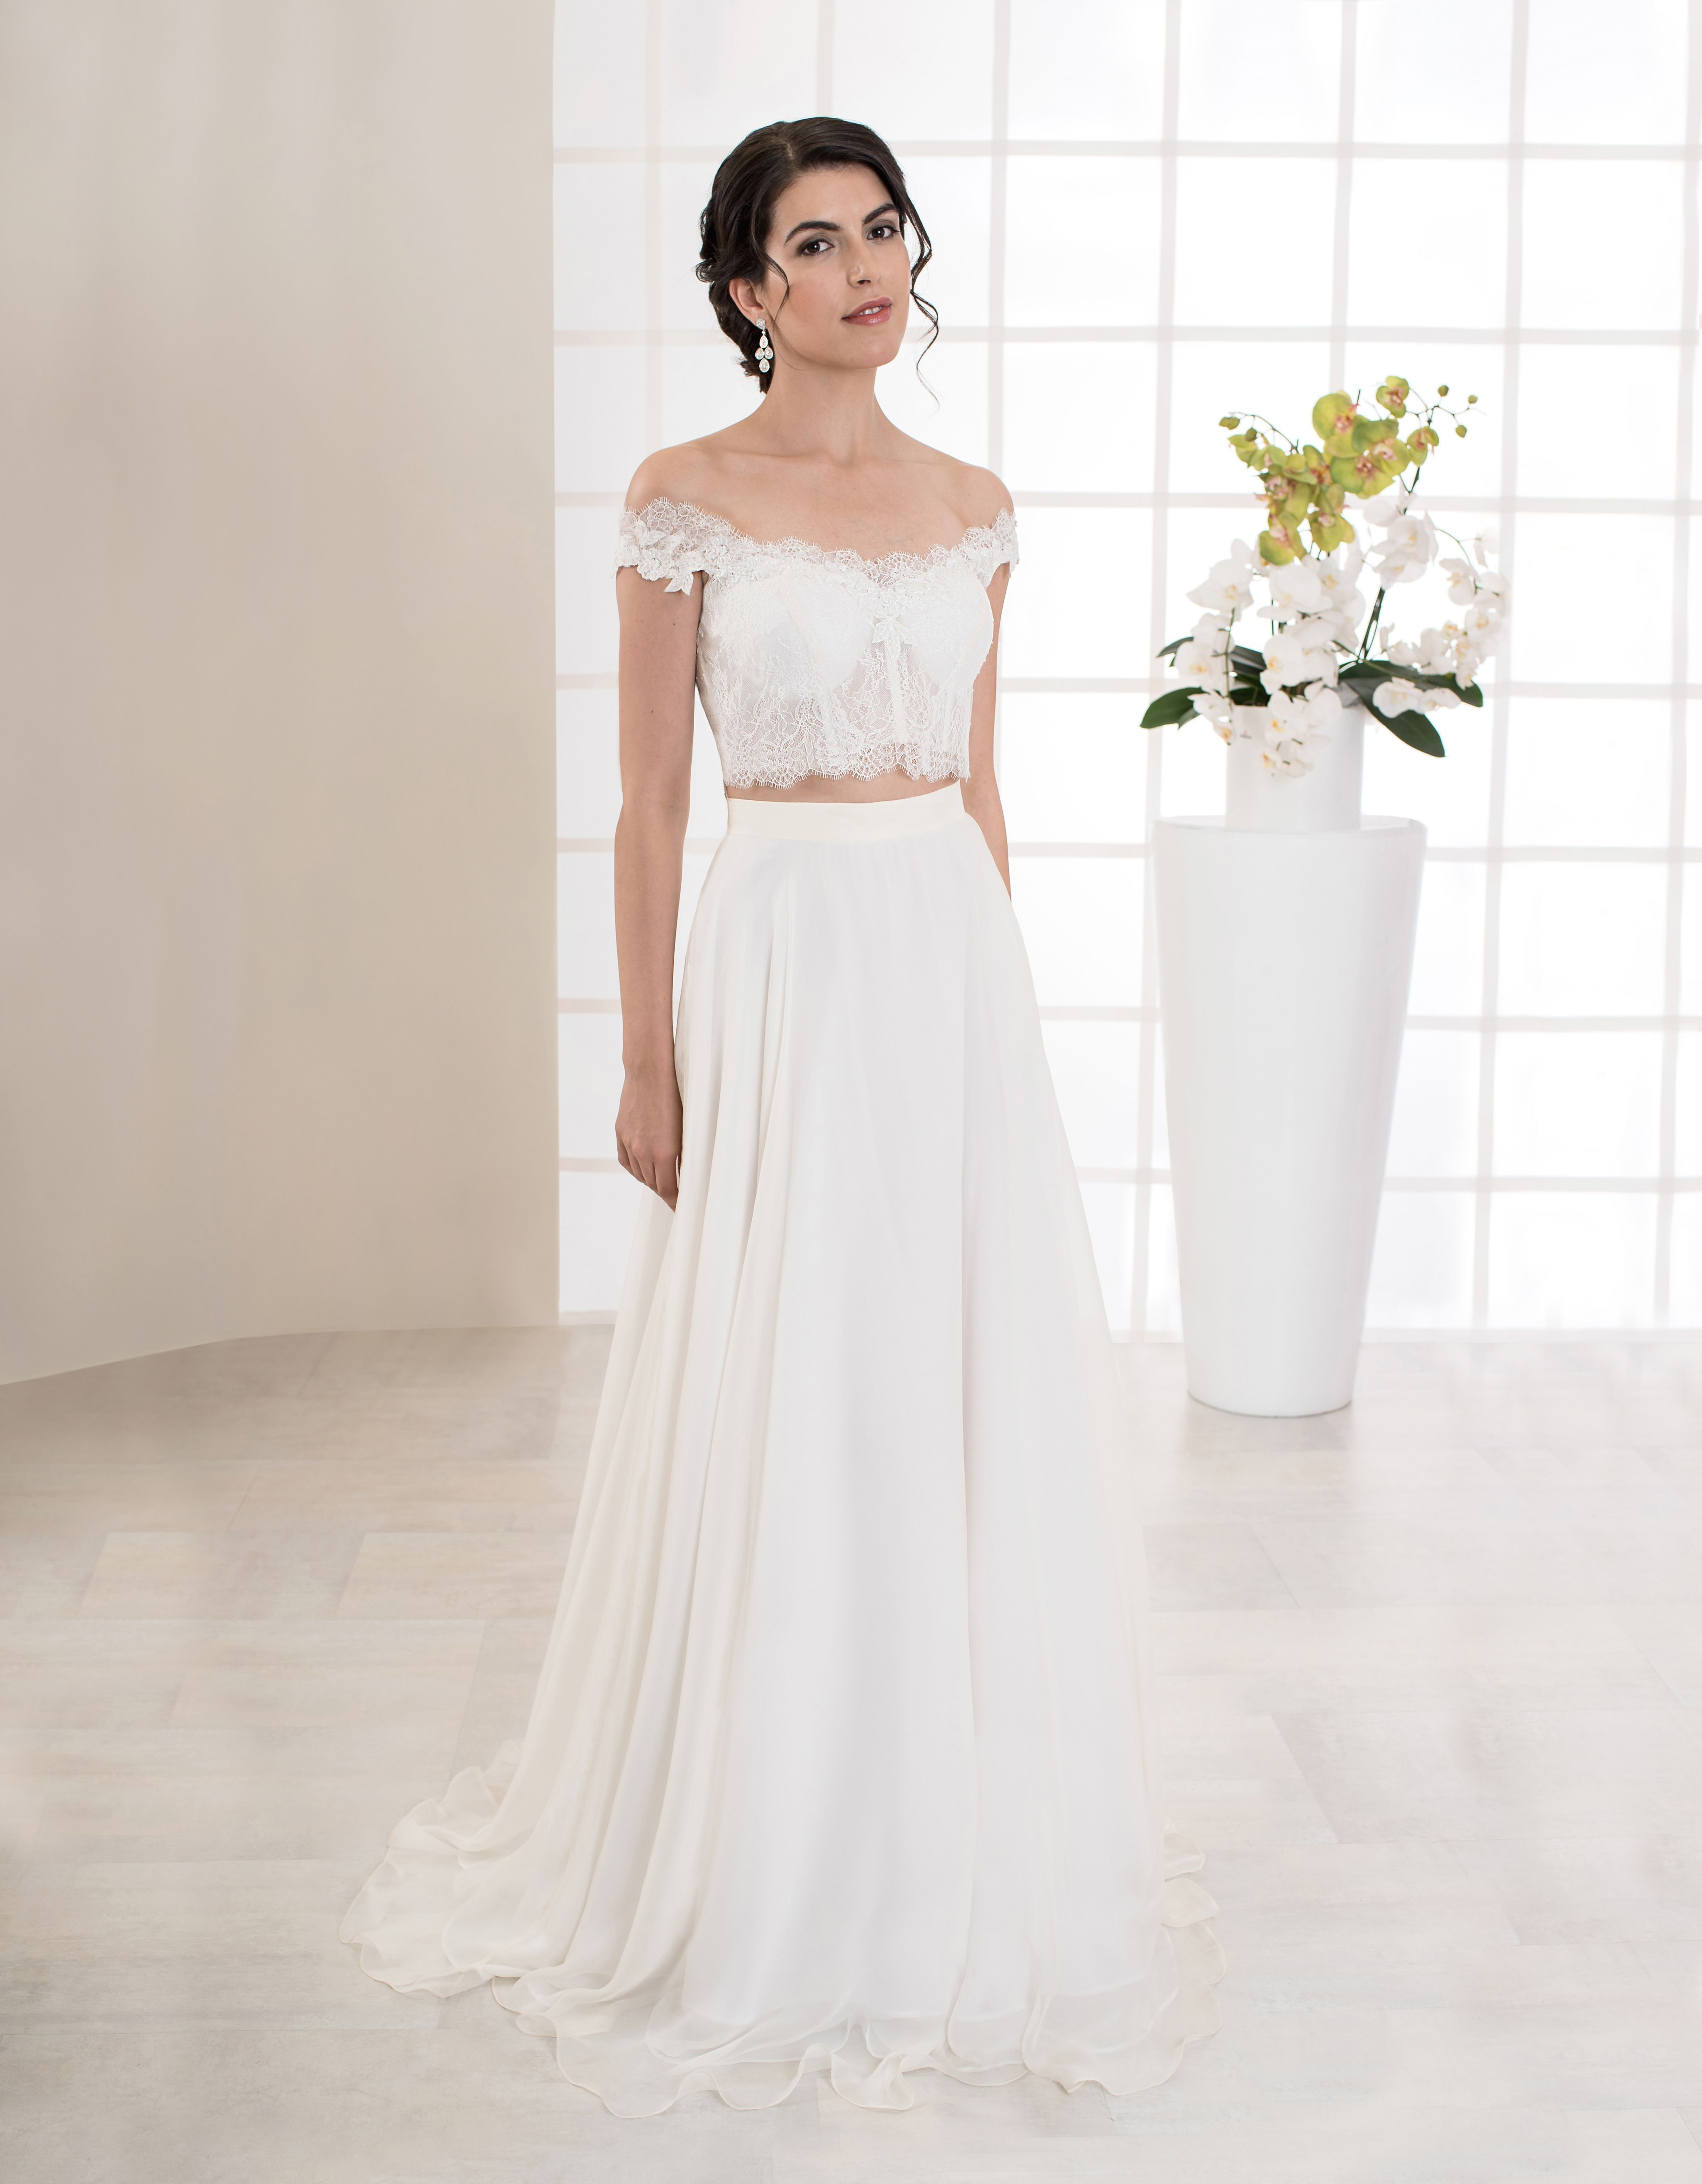 Außergewöhnliches zweiteiliges Brautkleid aus feinsten